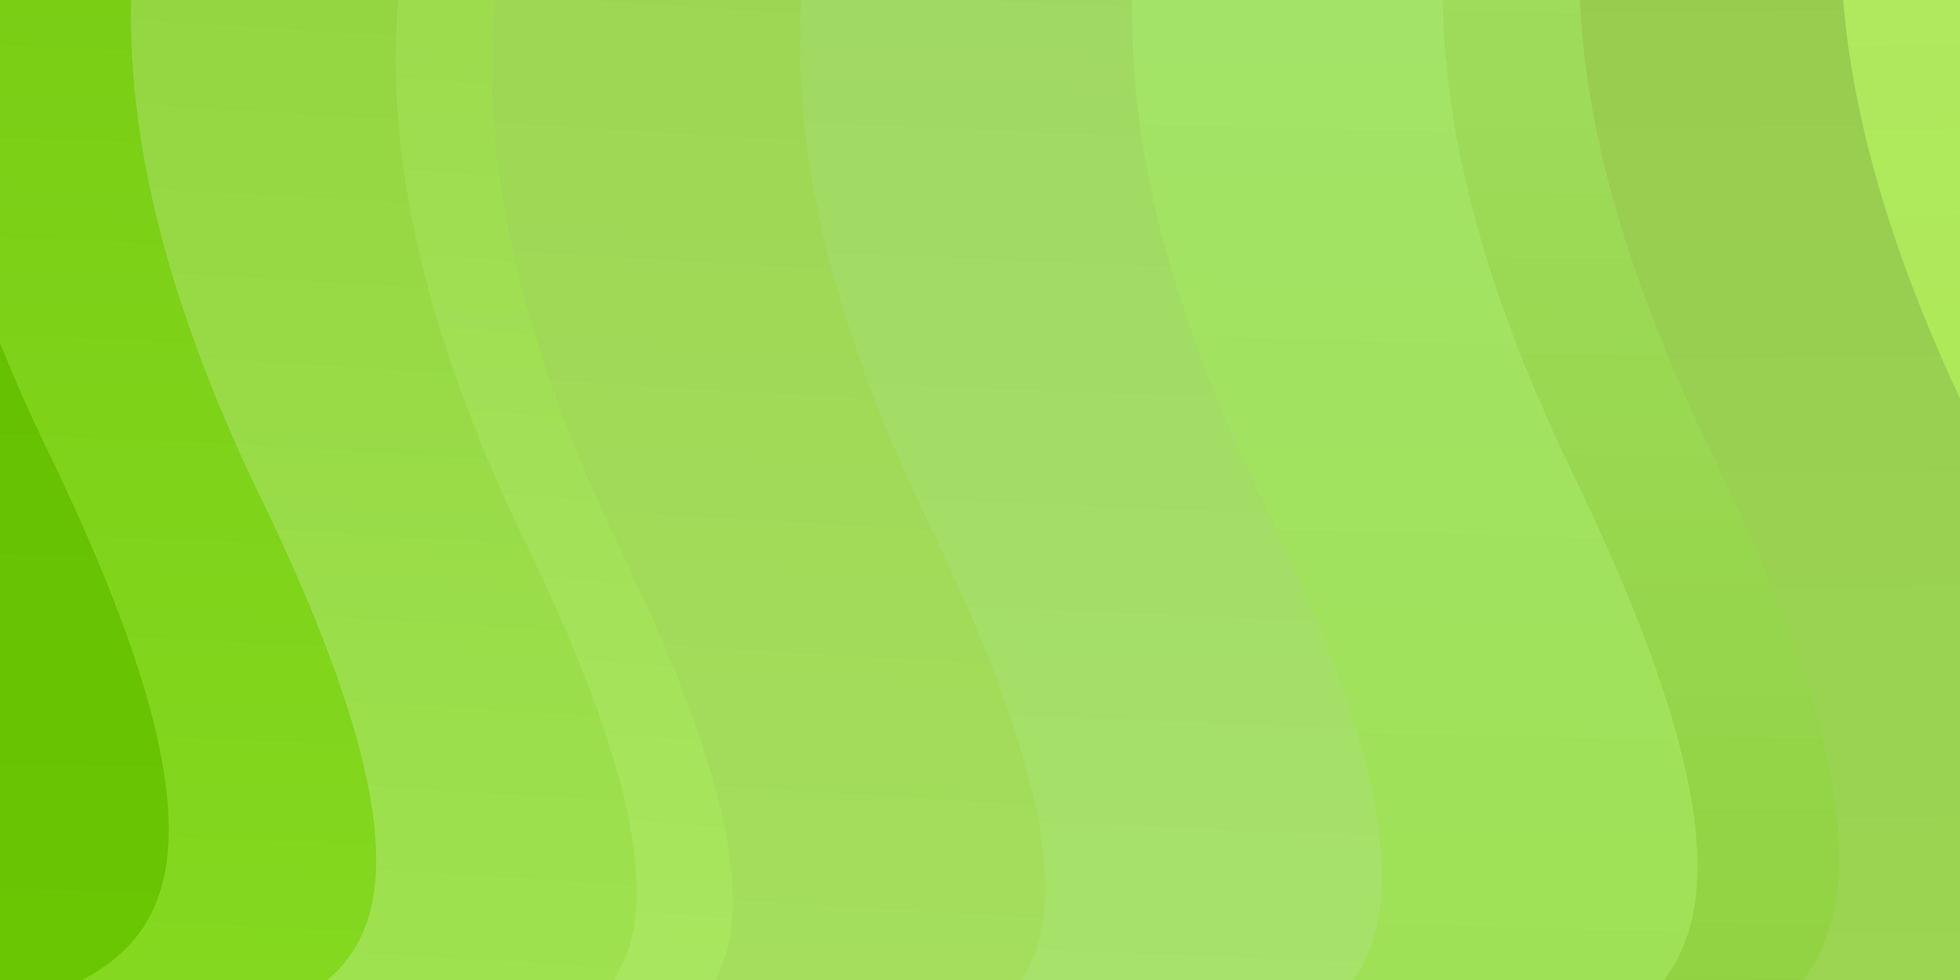 hellgrünes Vektorlayout mit schiefen Linien. vektor